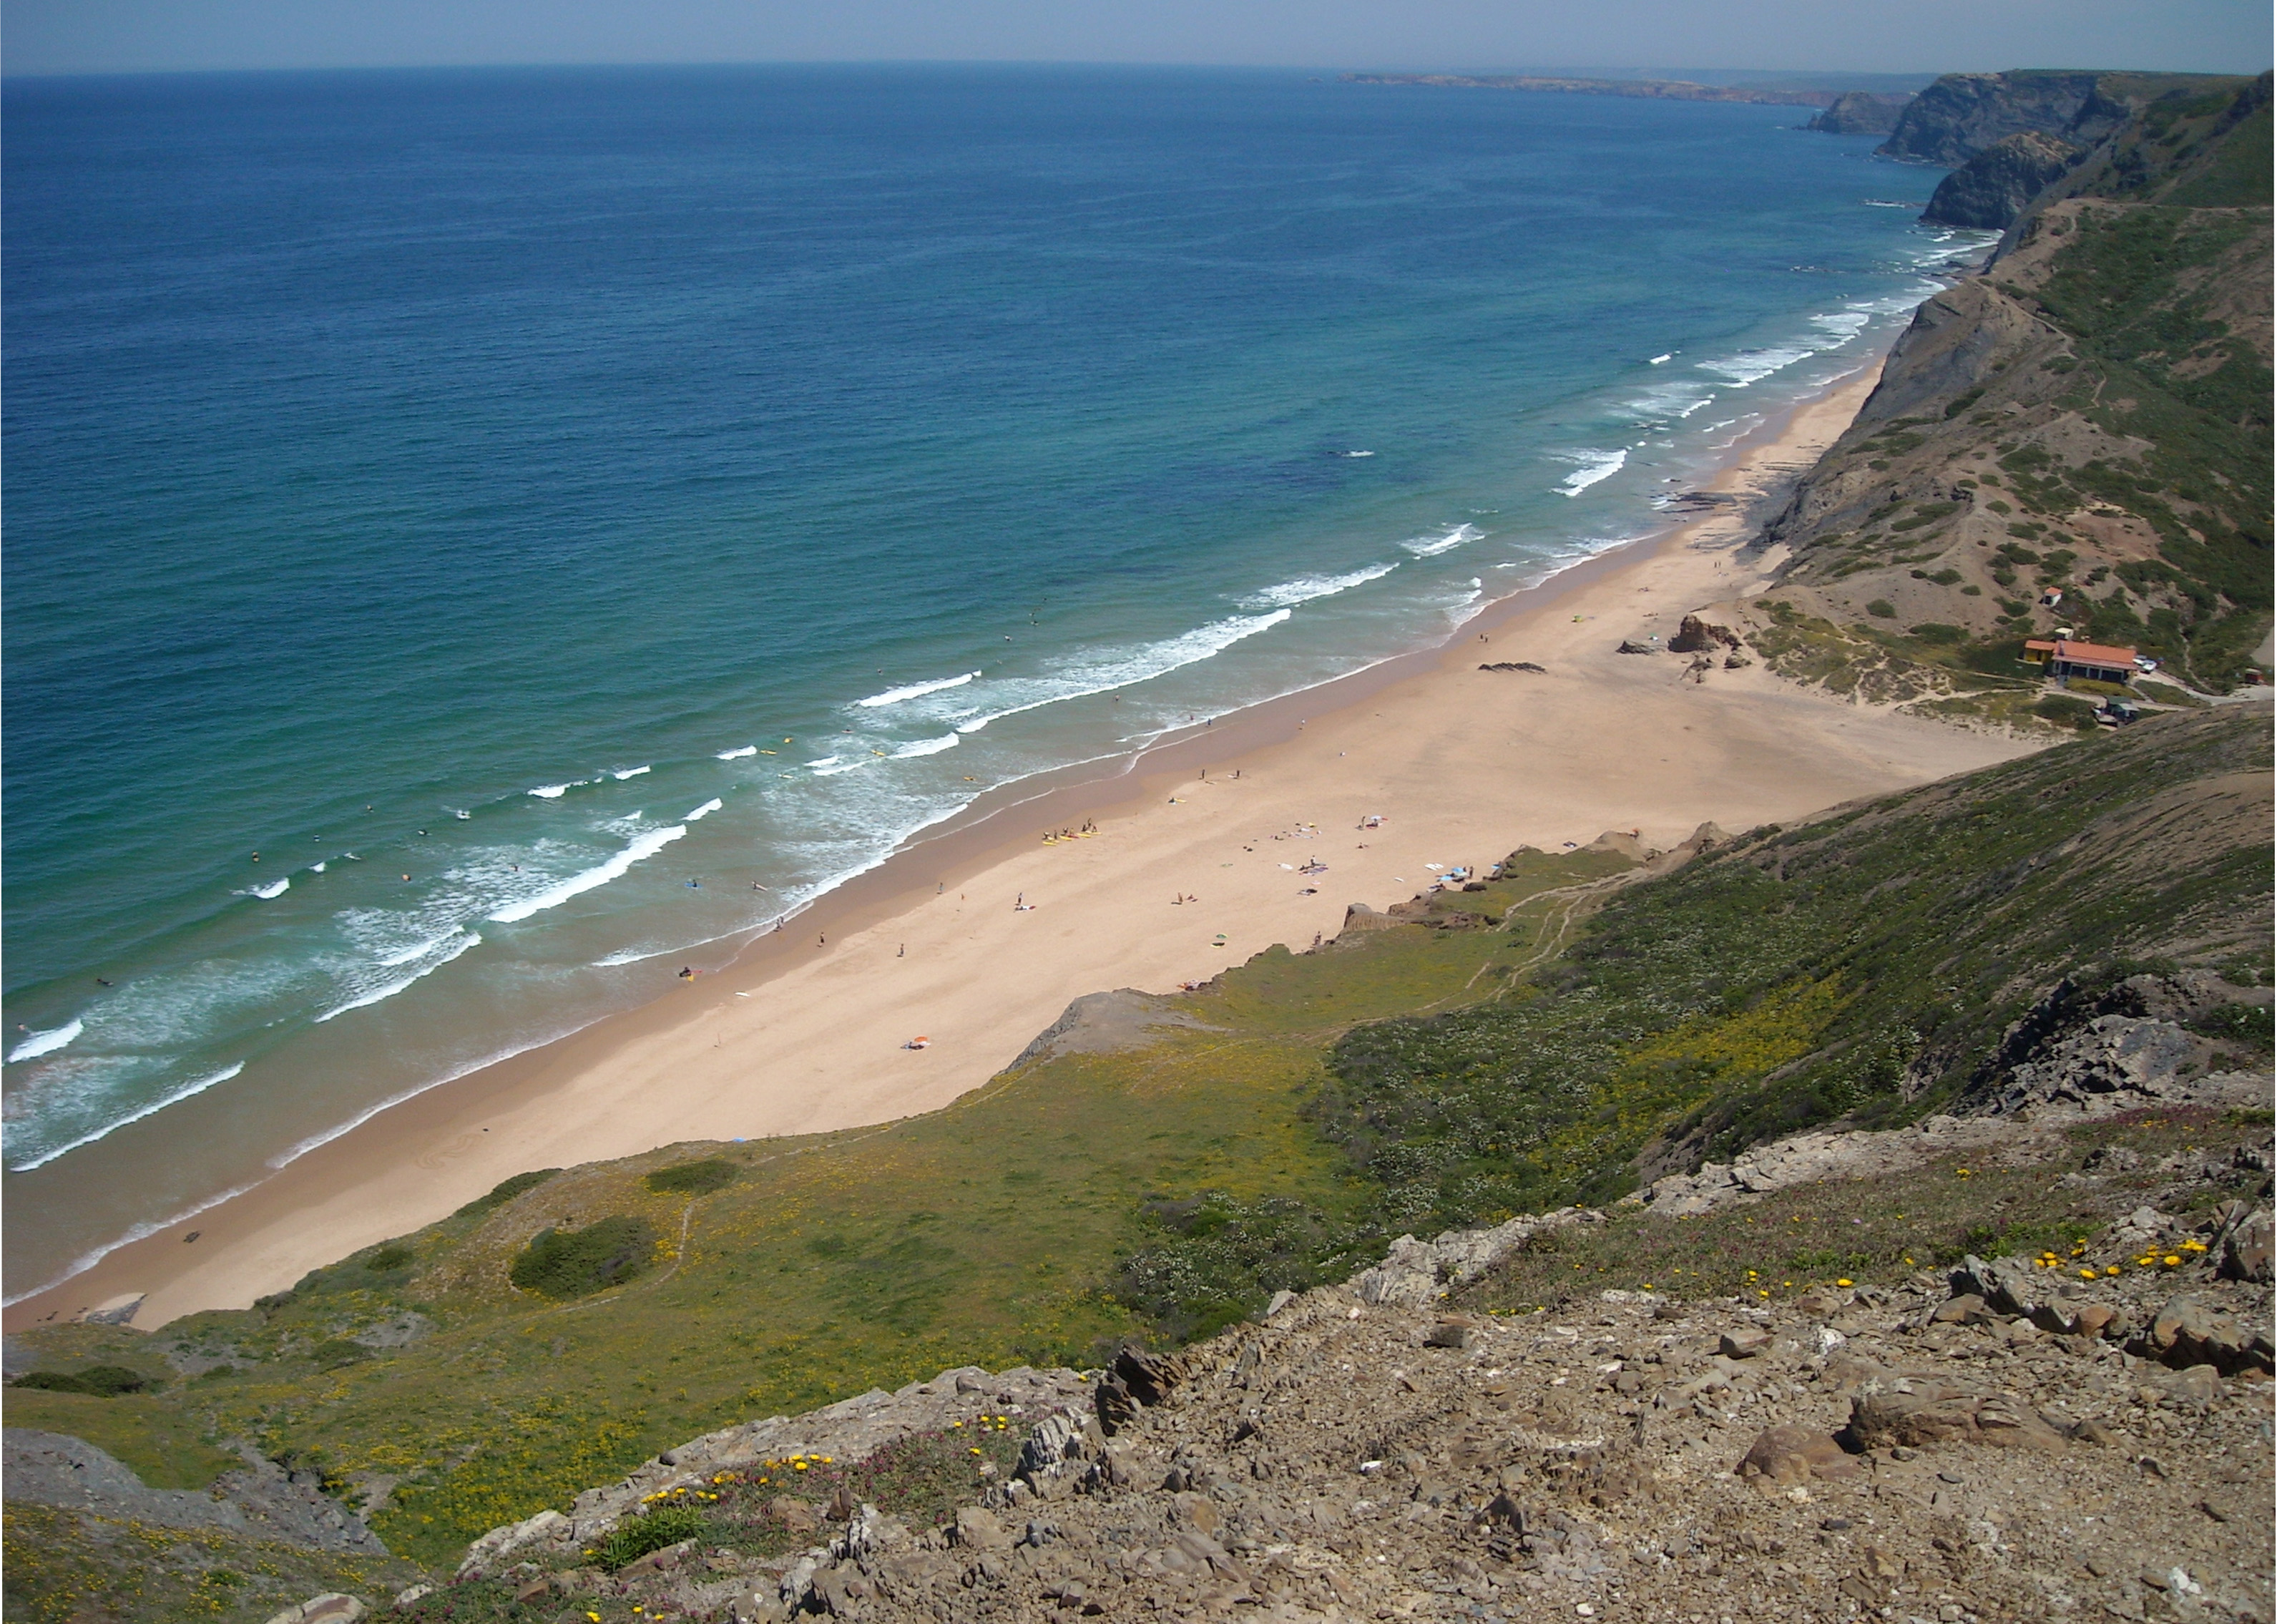 Praia do castelejo på Algarvekusten i Portugal